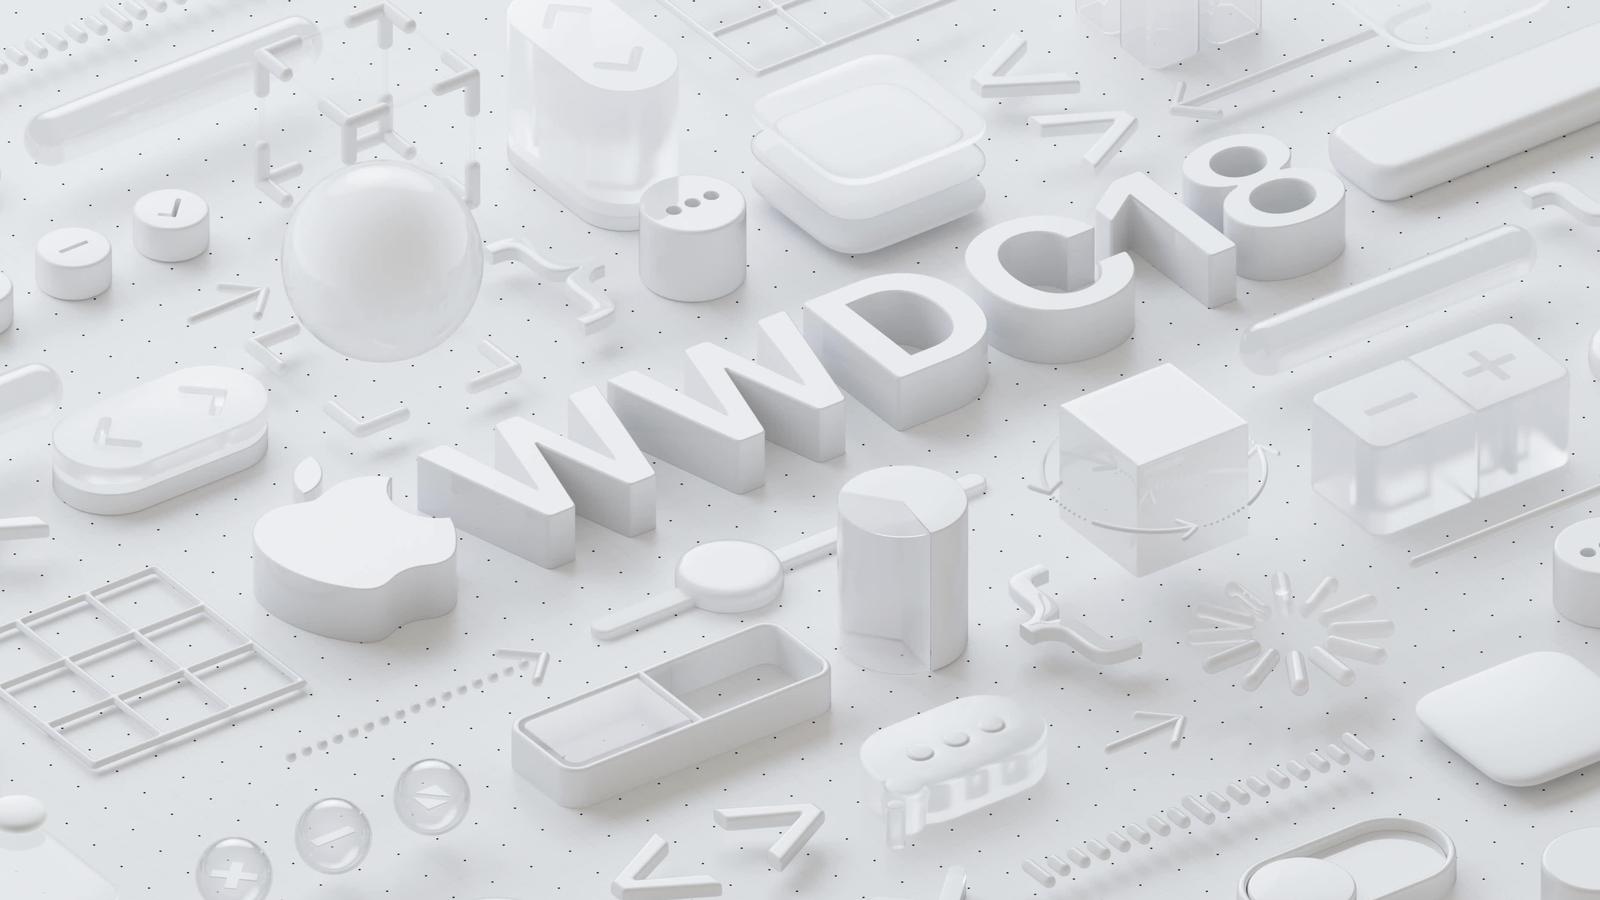 WWDC 2018 : MacOS Mojave, WatchOS 5, iOS 12 et ode aux développeurs (annonces